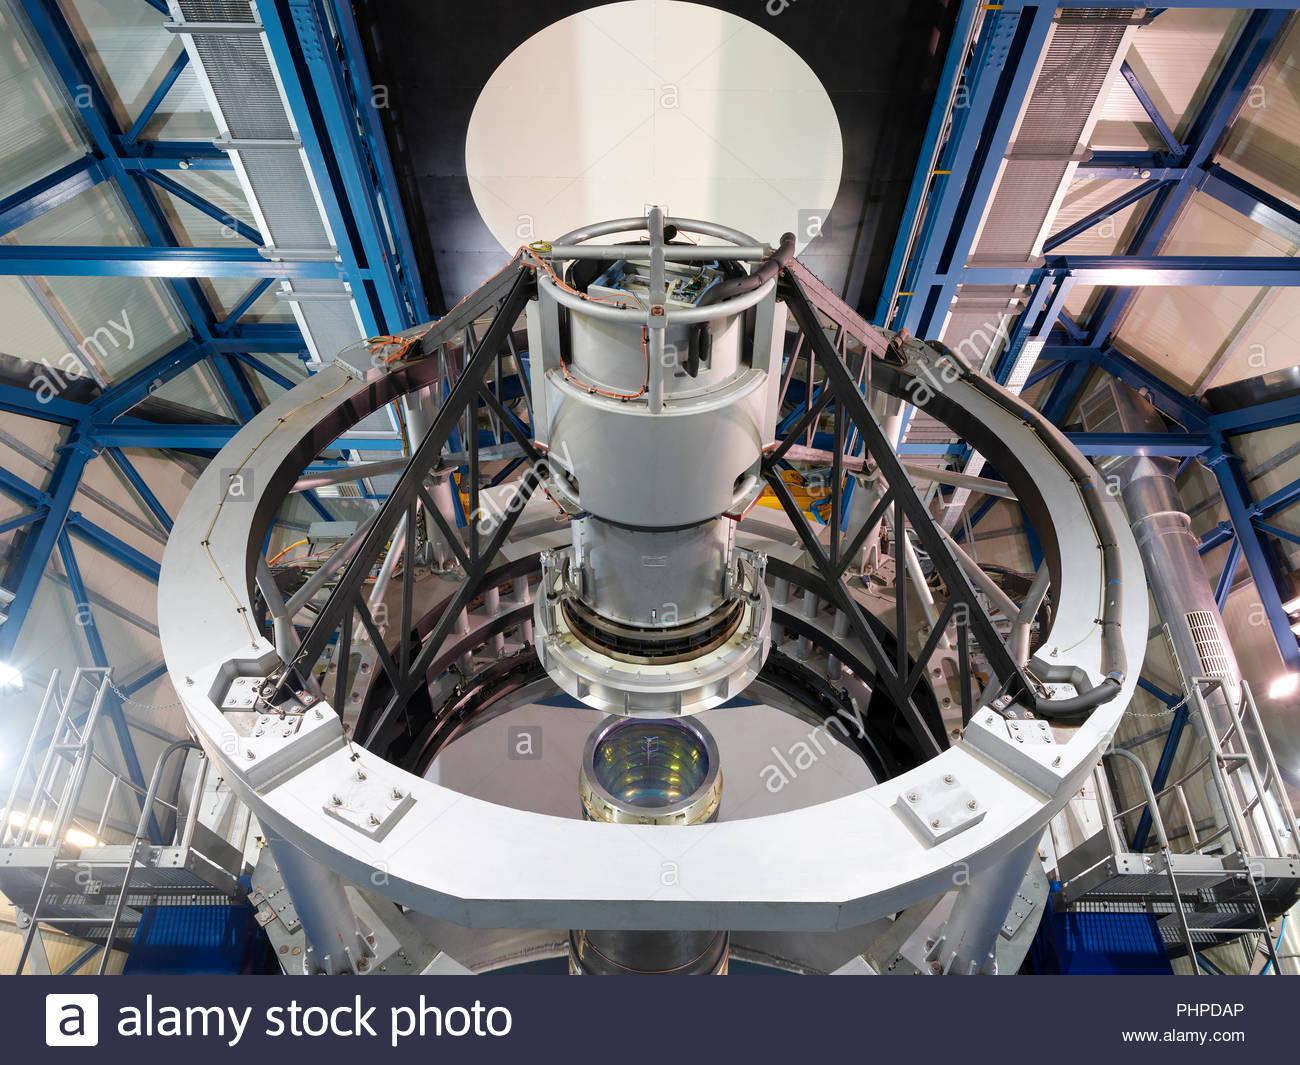 Ángulo de visión baja de un telescopio astronómico en Paranal Observatory Imagen De Stock